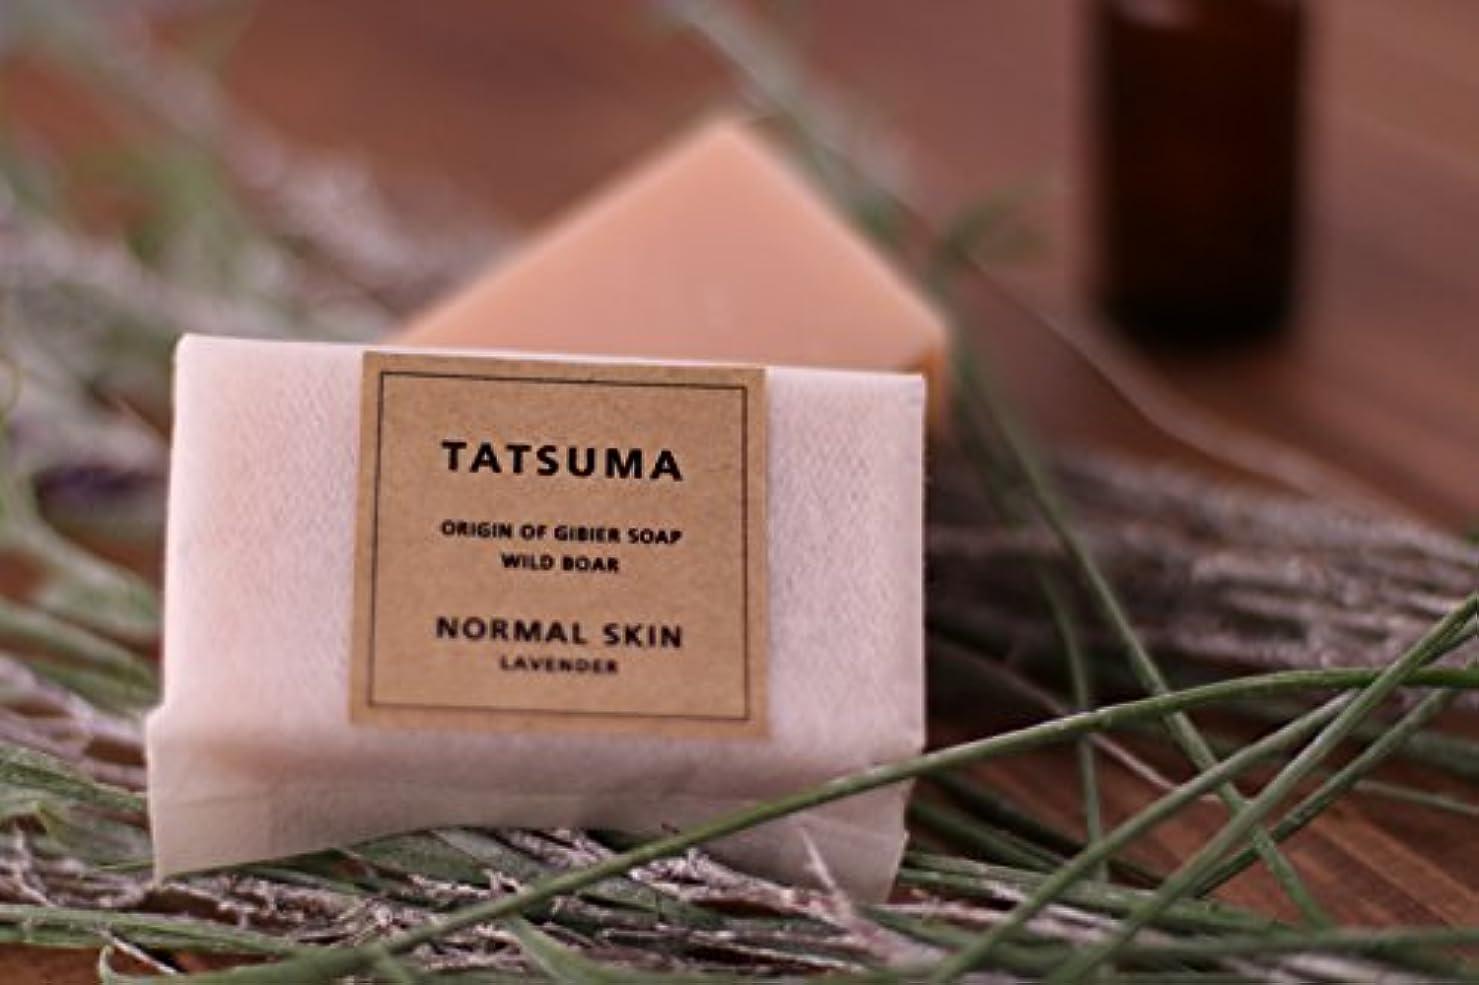 ラックスティック希少性たつま石鹸21(化粧石鹸) 非加熱製法 | TATSUMA NORMAL SKIN LAVENDER